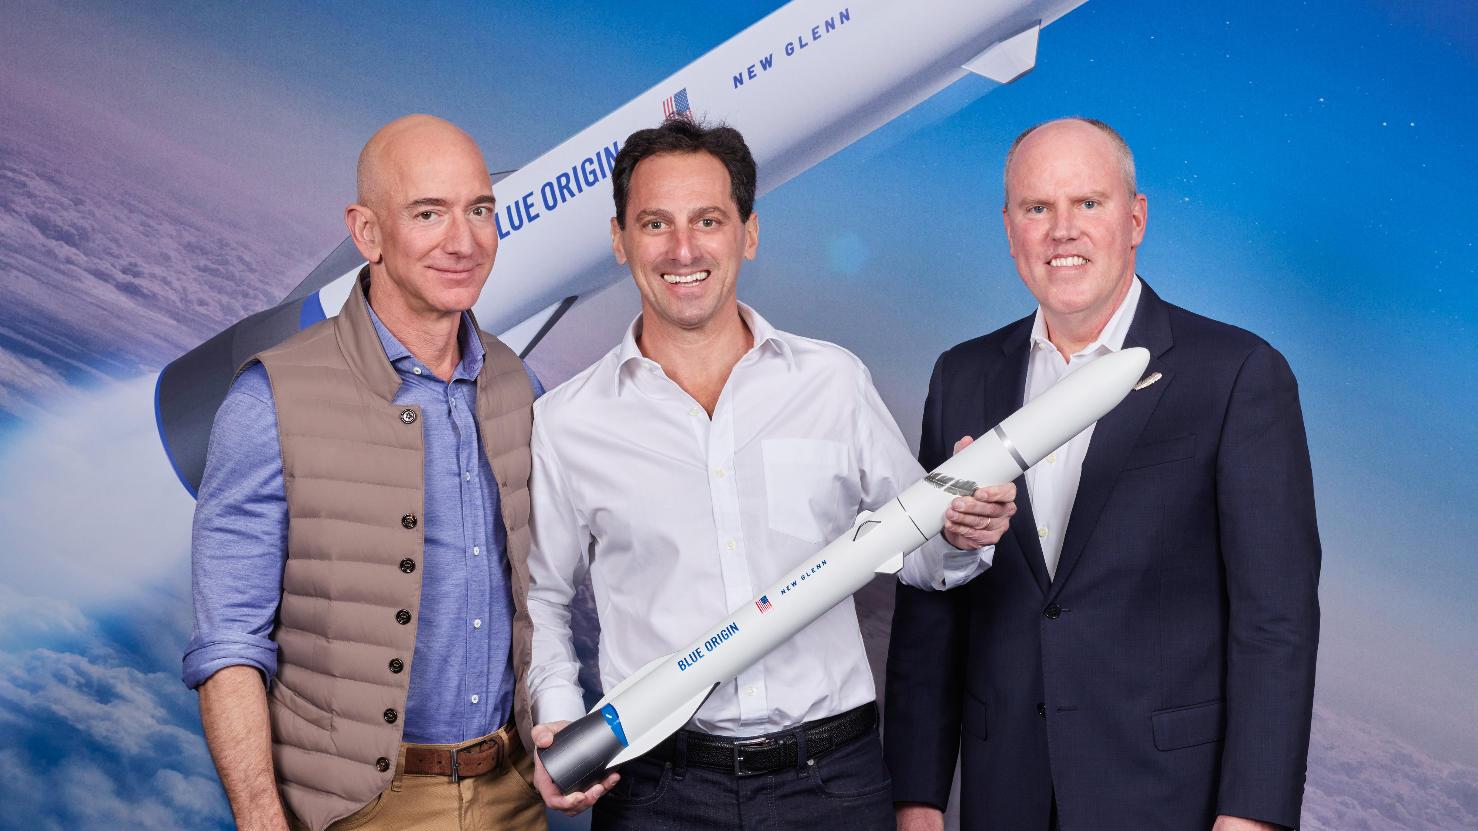 Le New Glenn de Blue Origin retenu par Telesat pour déployer sa constellation LEO